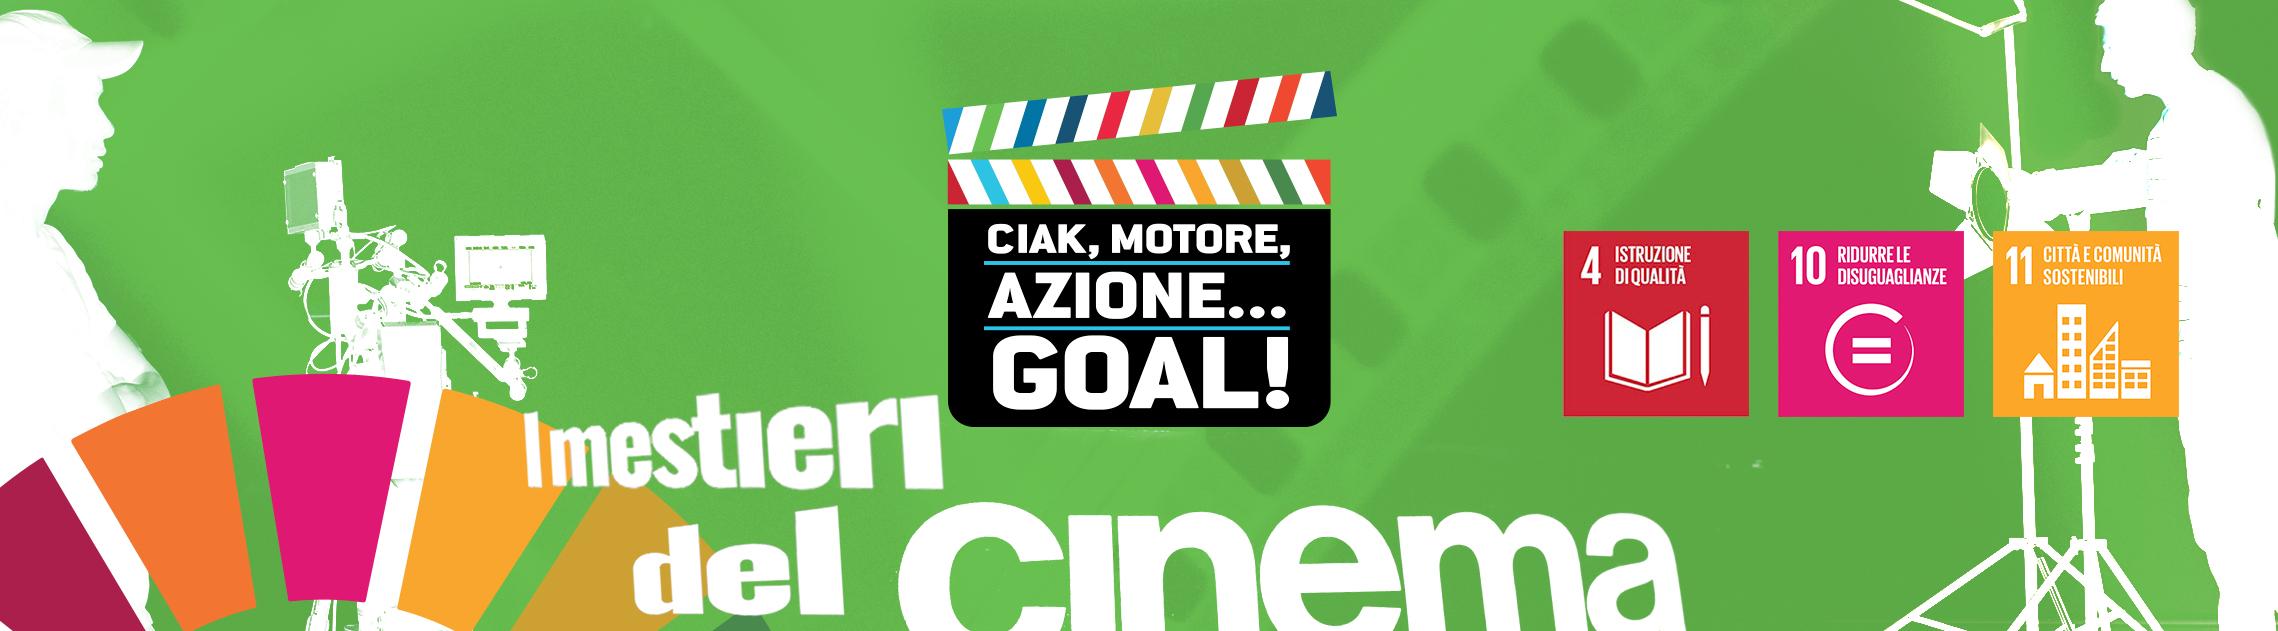 fare_cinema_01